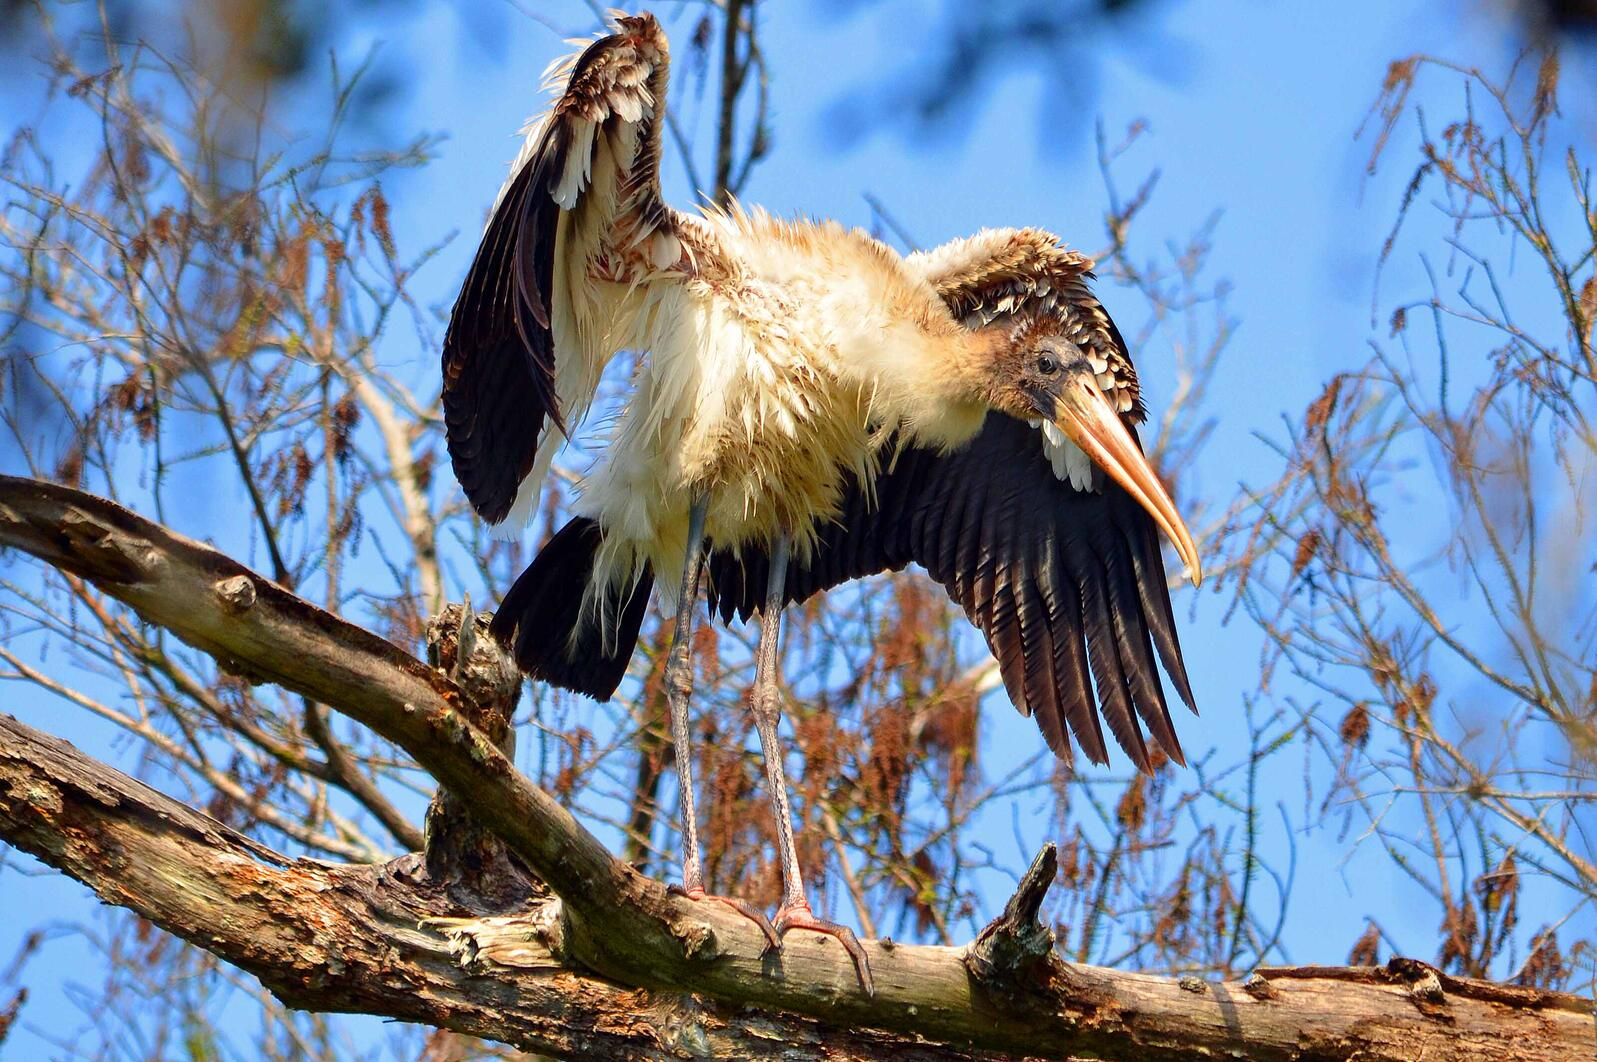 Wood Stork. Photo: Lisa Squicciarini/Audubon Photography Awards.